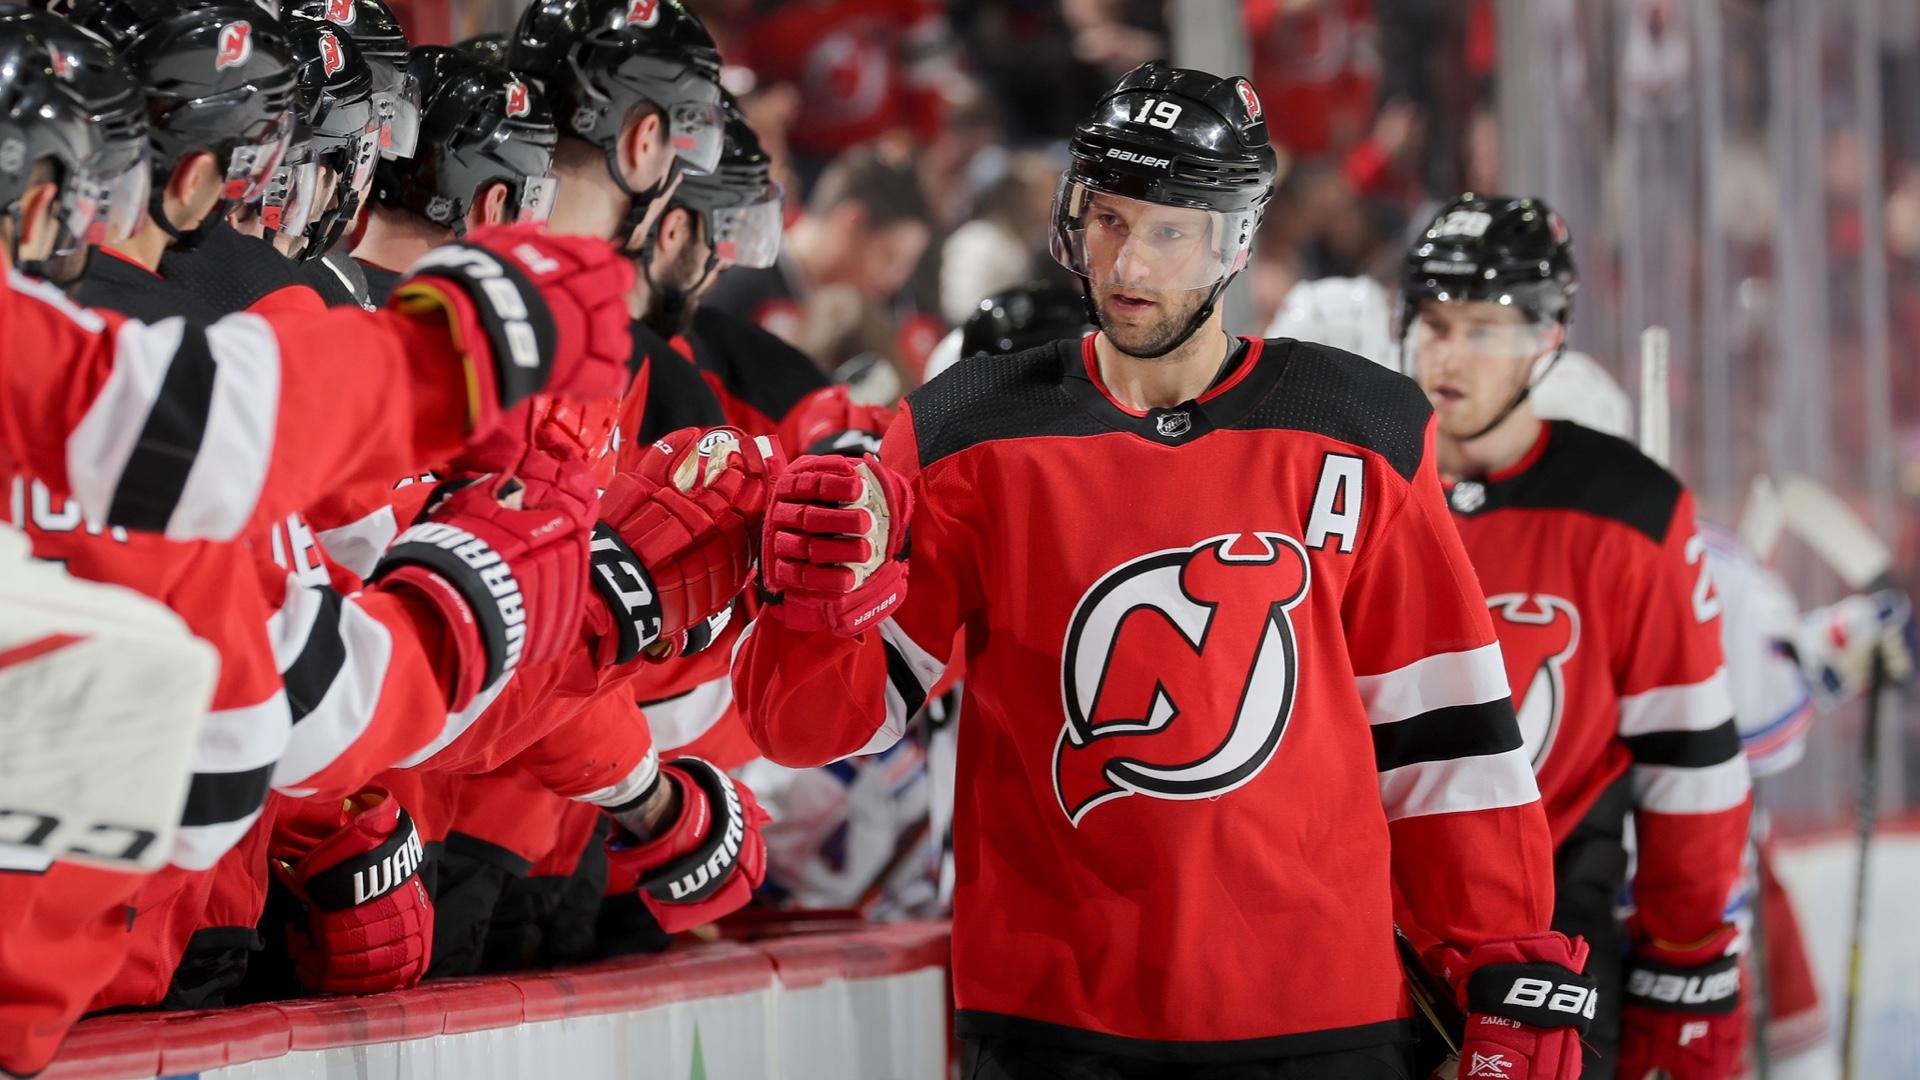 Travis Zajac de Devils intrigado con la idea de la temporada de finalización de NHL en alma mater, Dakota del Norte 54